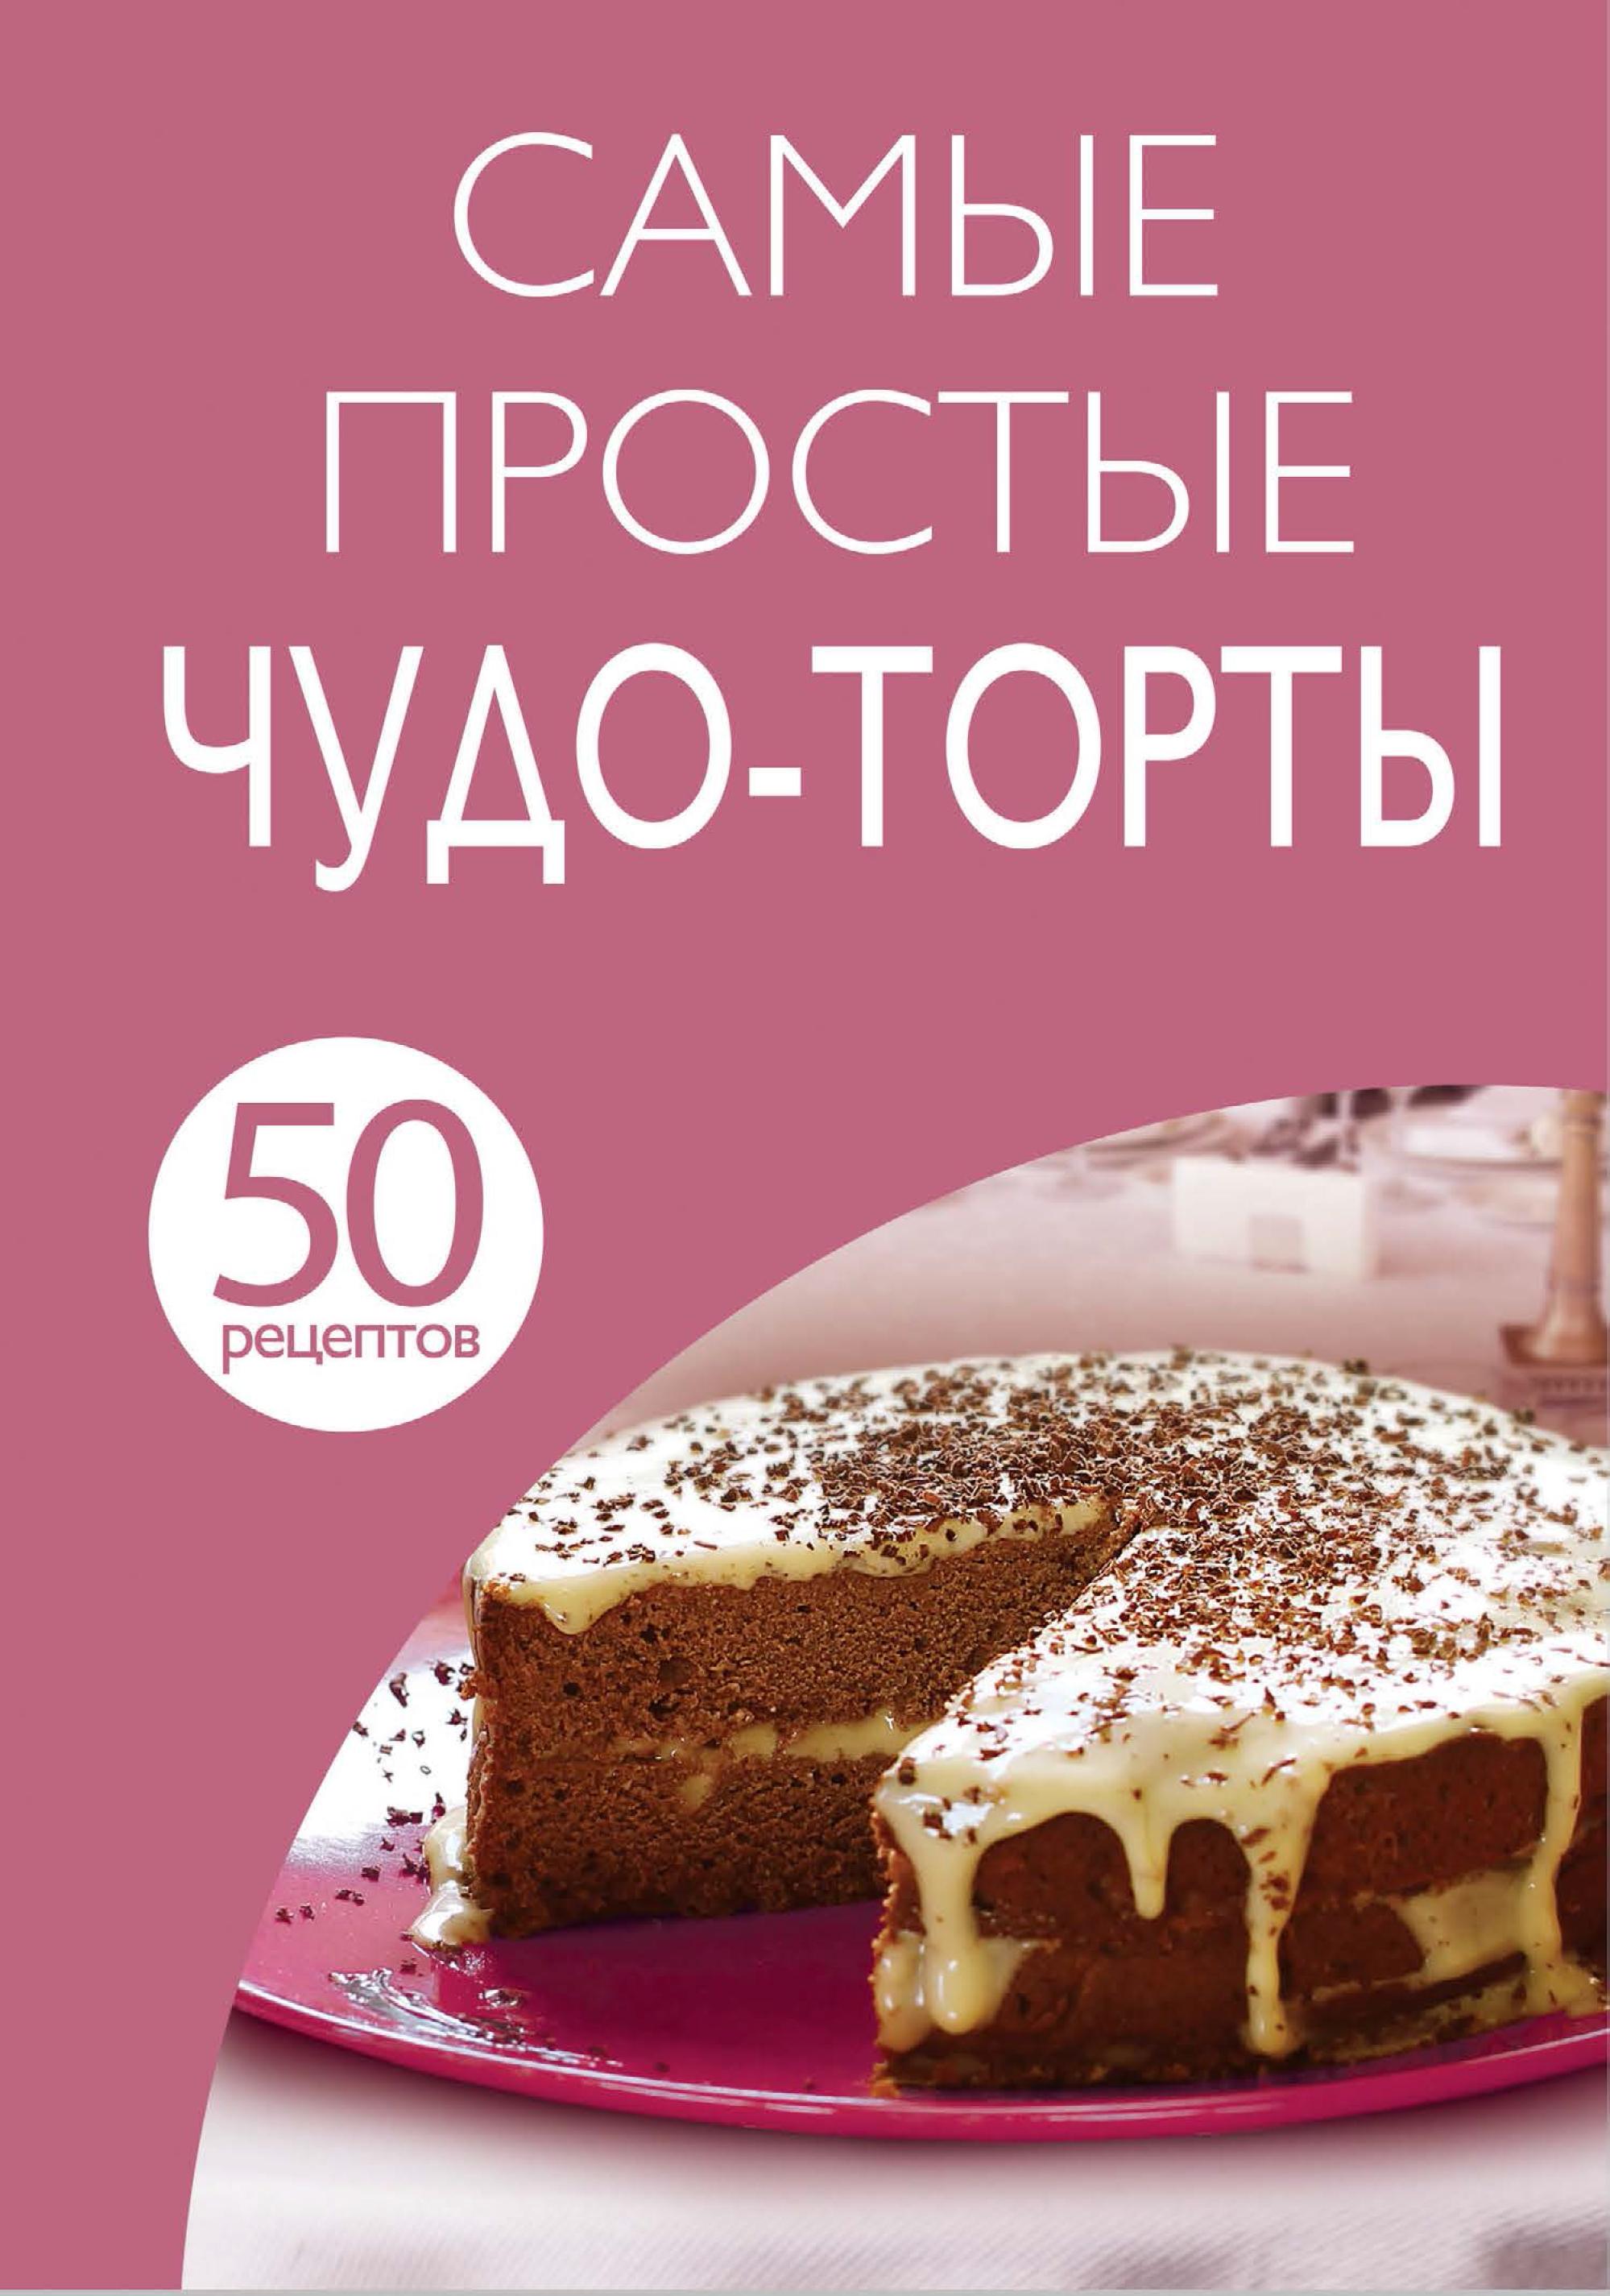 Отсутствует 50 рецептов. Самые простые чудо-торты анастасия колпакова арбуз дыня алыча и другие южные культуры выращиваем в средней полосе